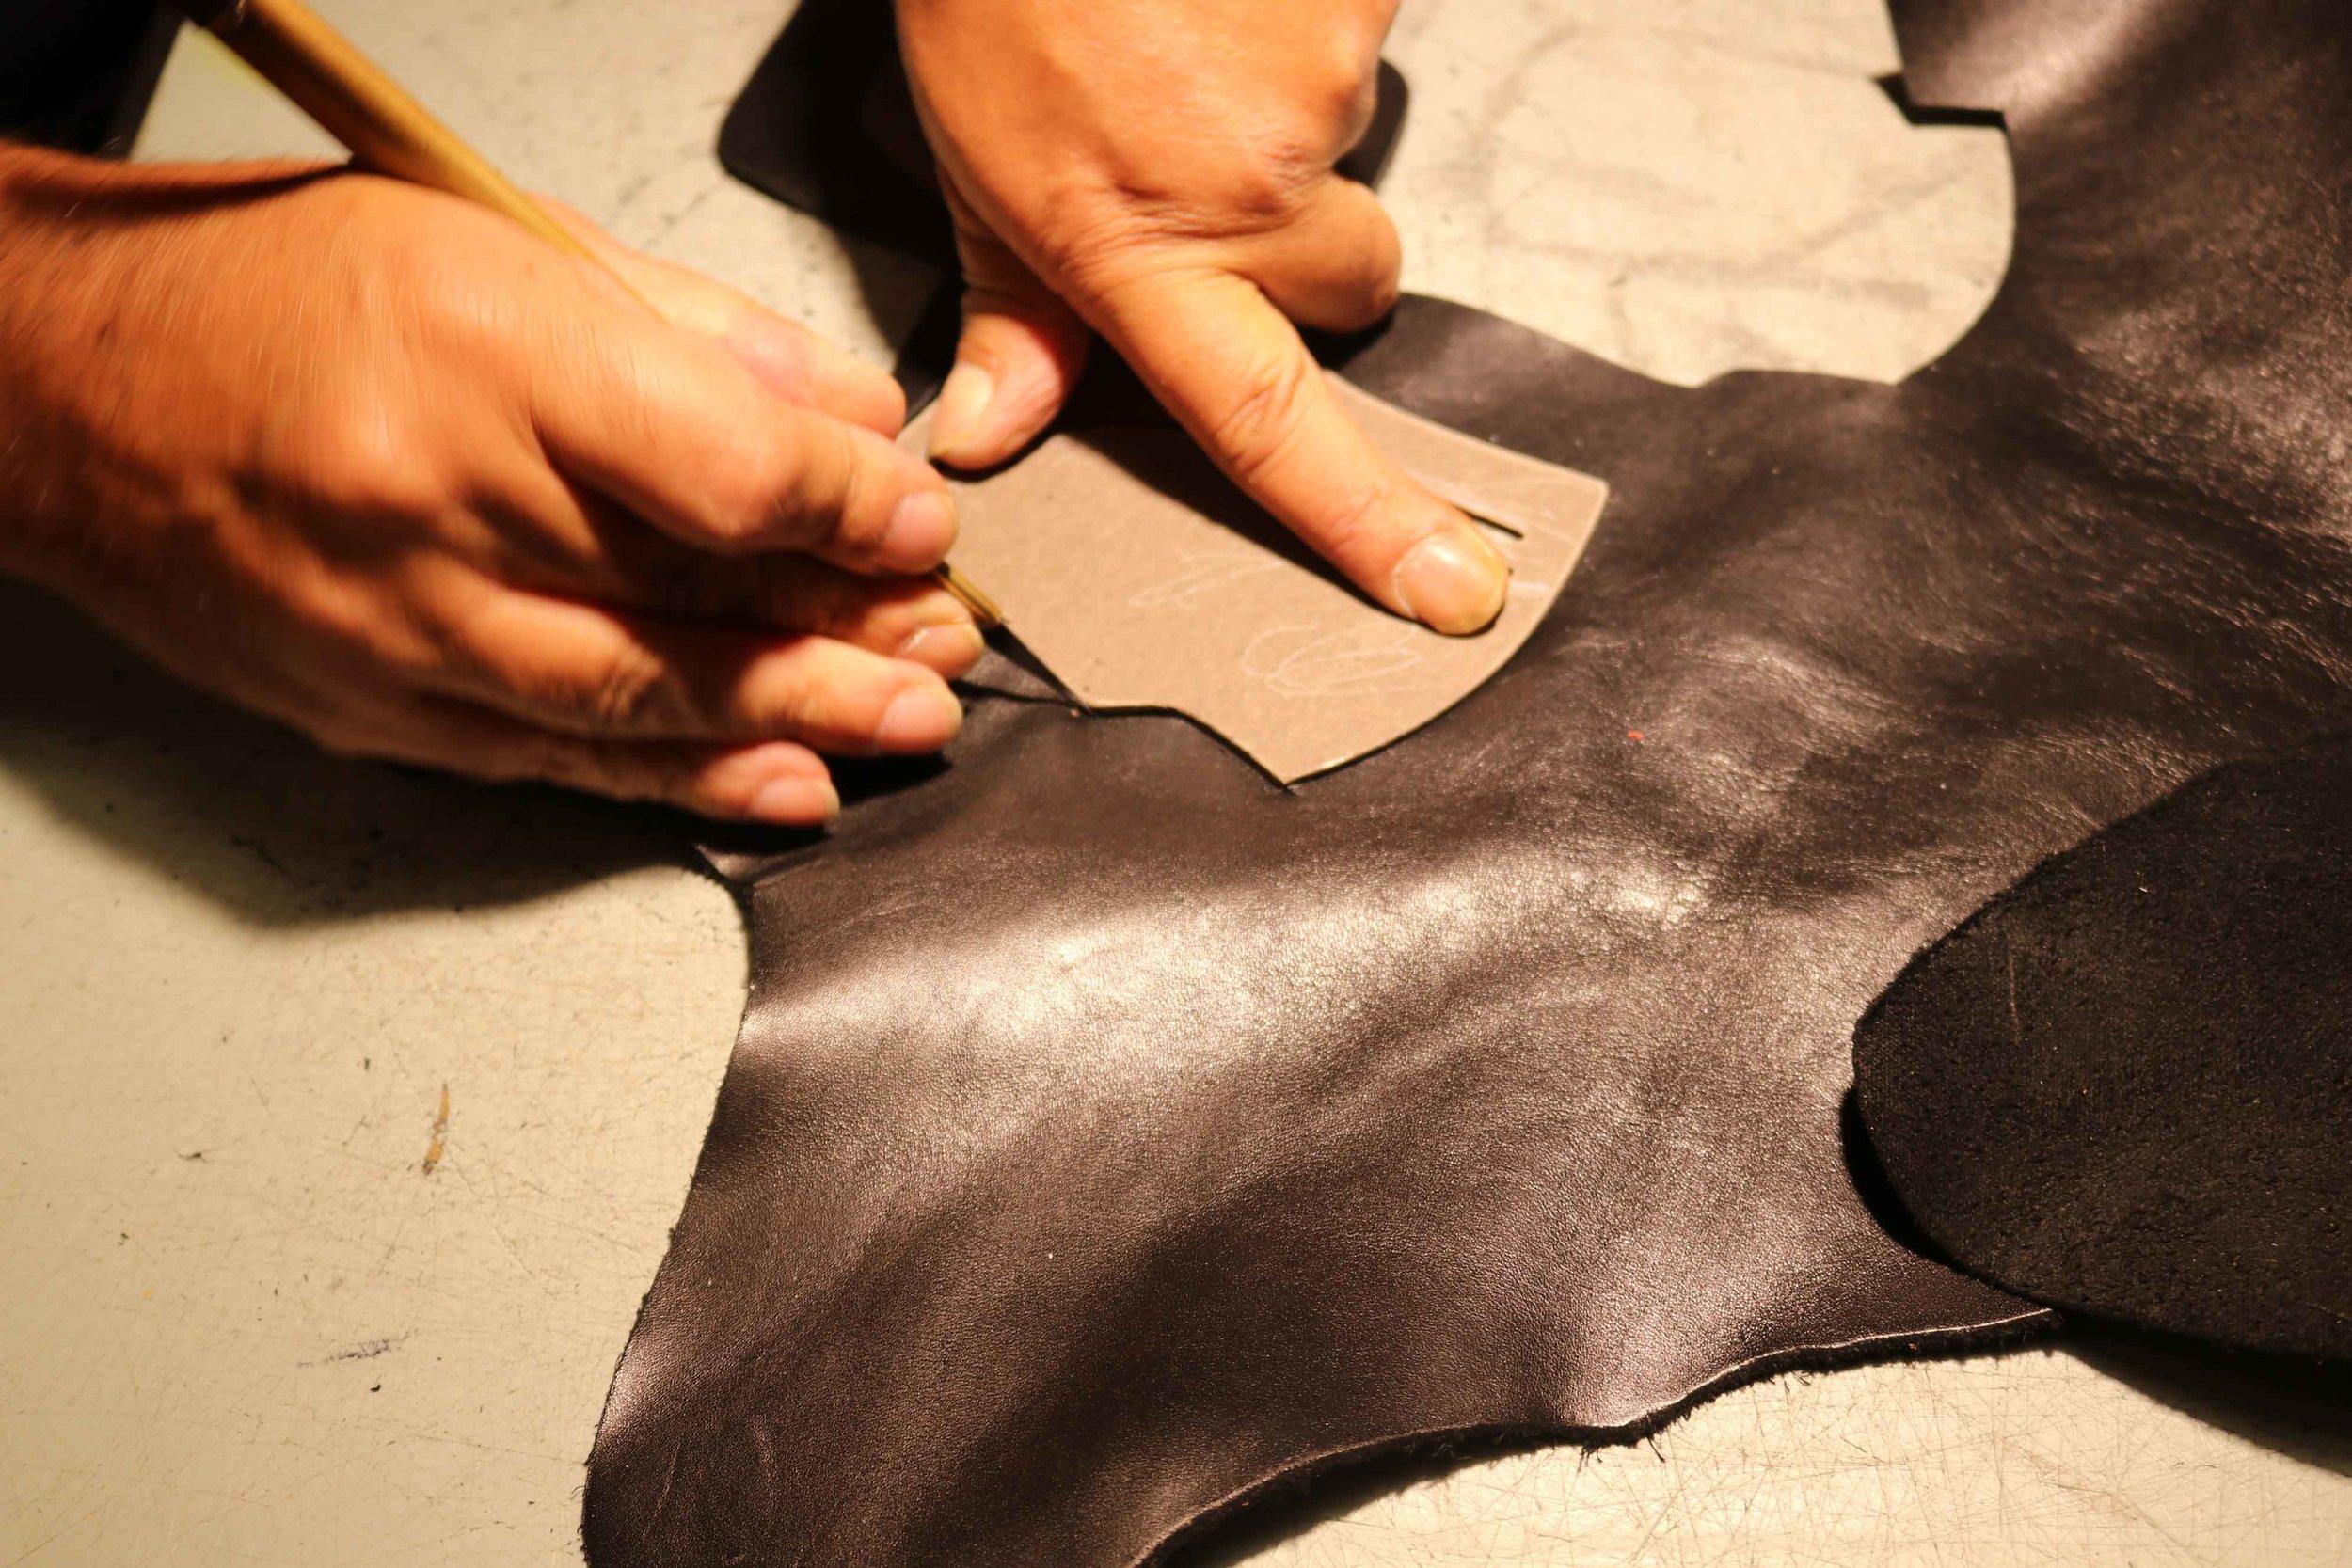 Cutting-leather---vyrezavani-kuze.jpg